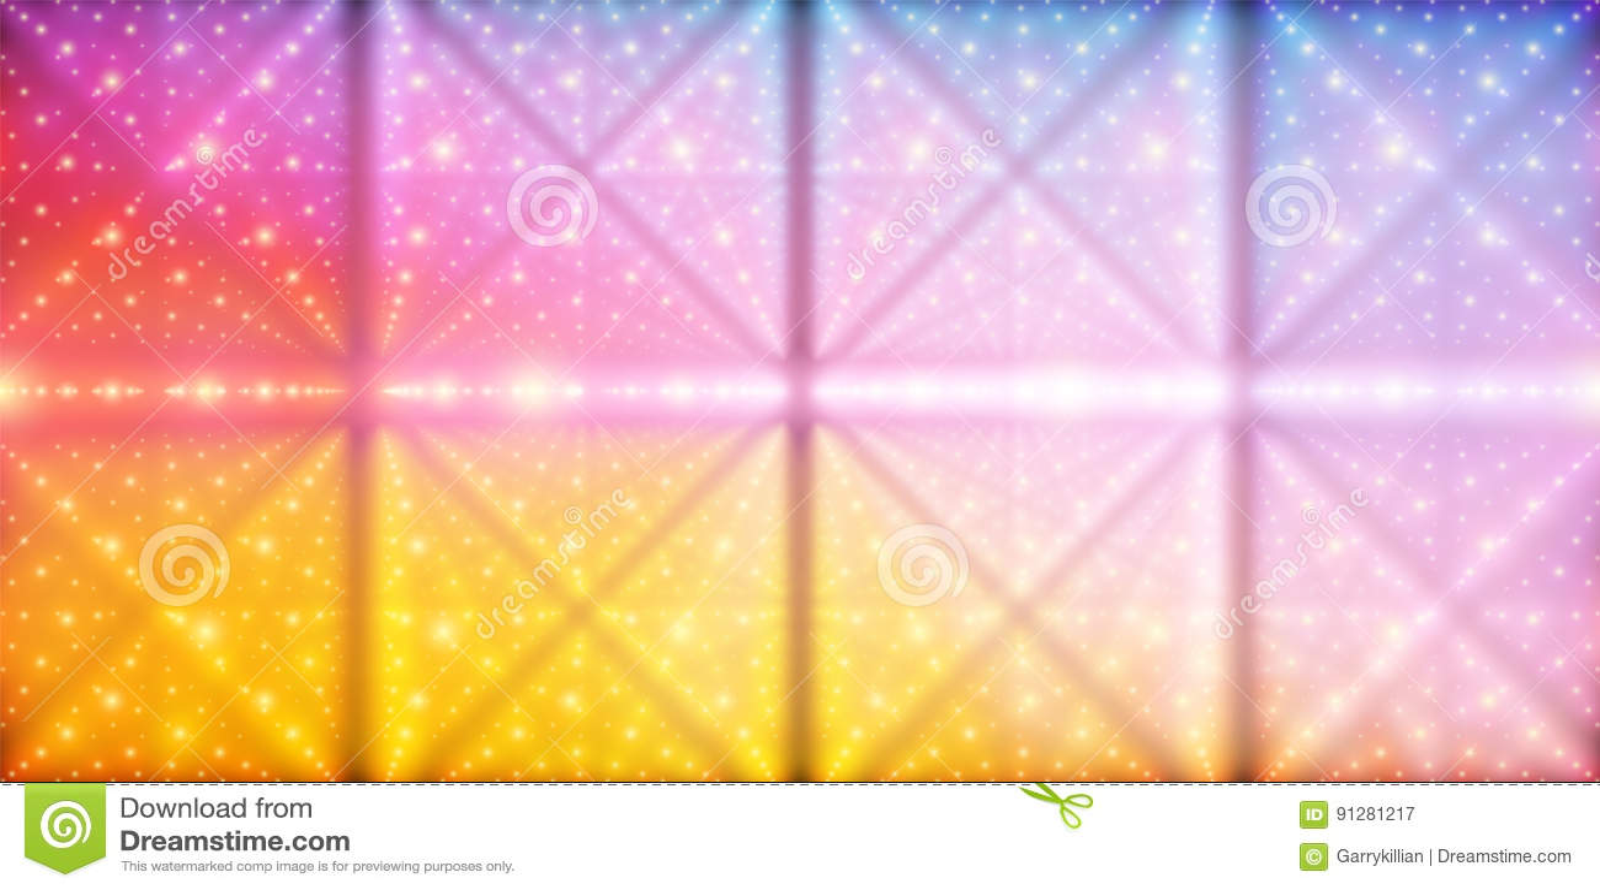 Bakgrund för oändligt utrymme för vektor Matris av glödande stjärnor med illusion av djup och perspektivet